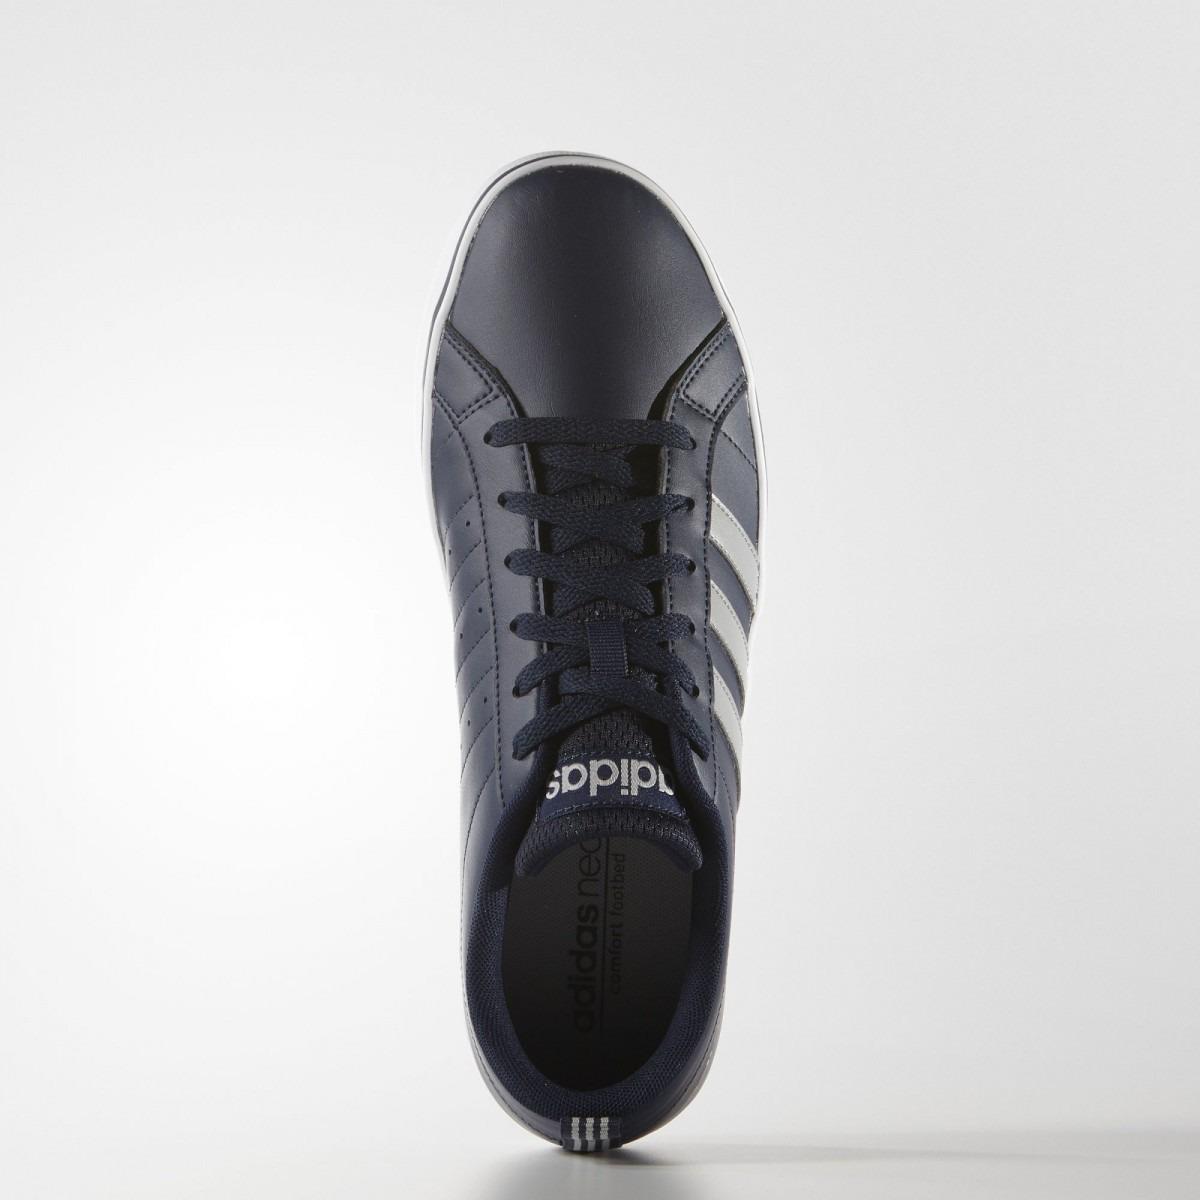 9327eab66a4 Carregando zoom... tênis masculino adidas pace vs couro sintético aw4596